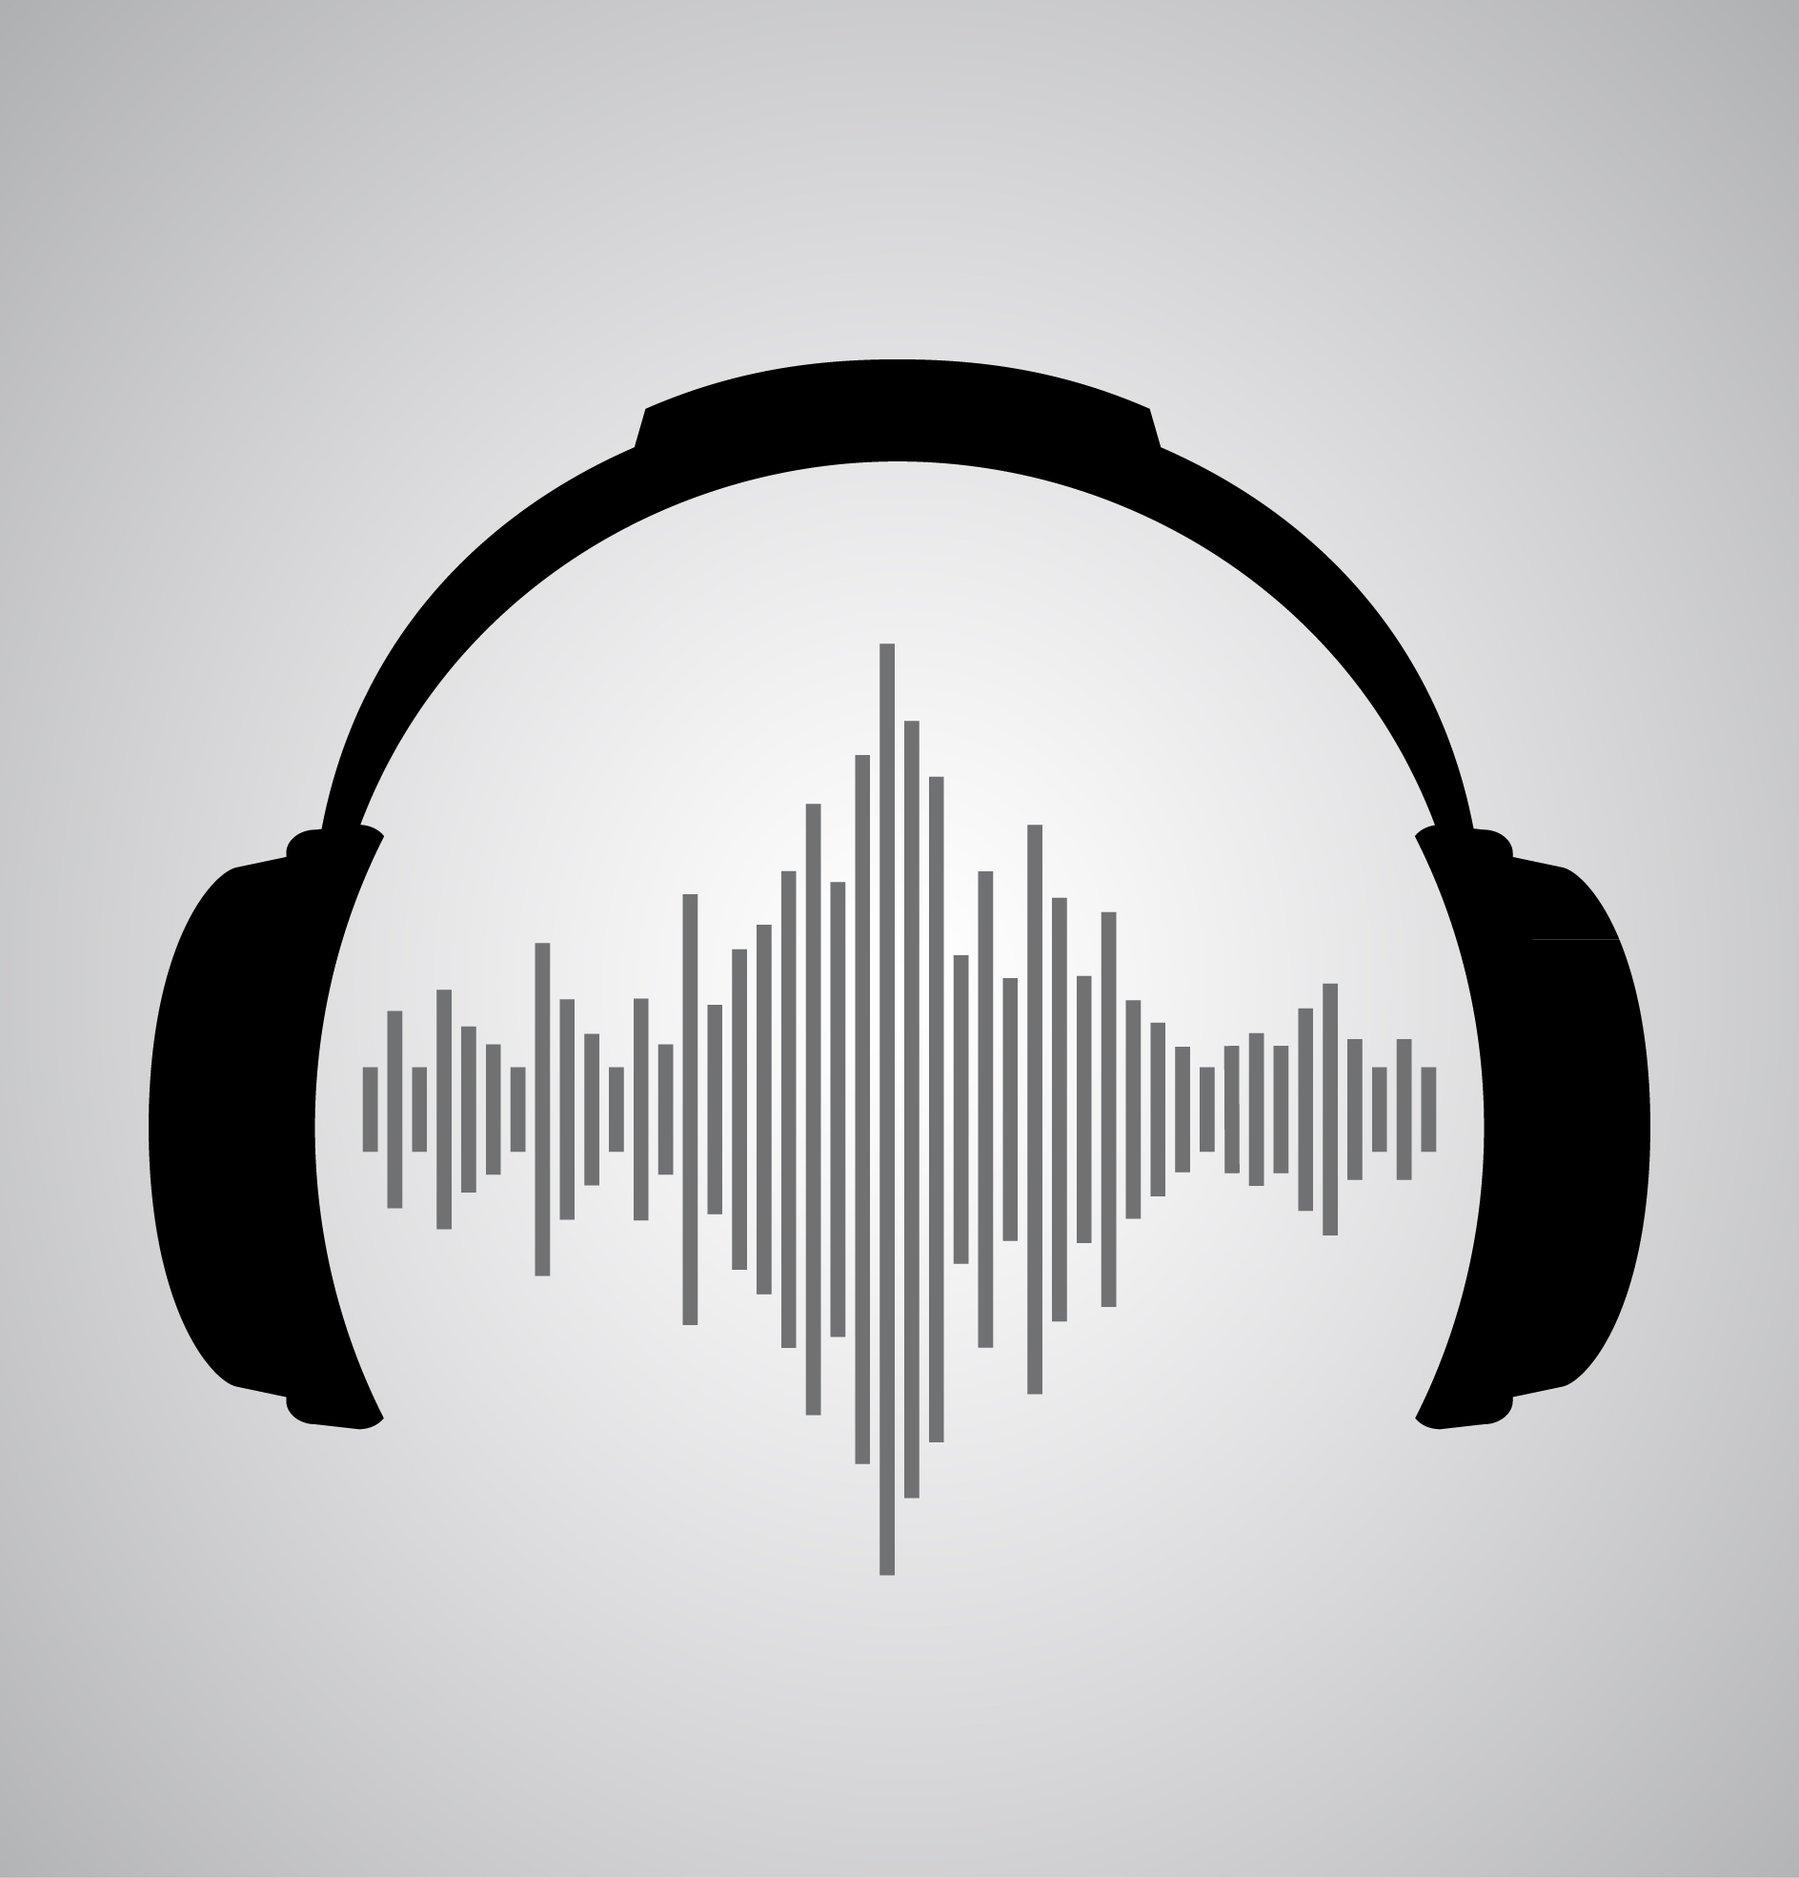 headphones.jpeg (shutterstock_195185756.webp)